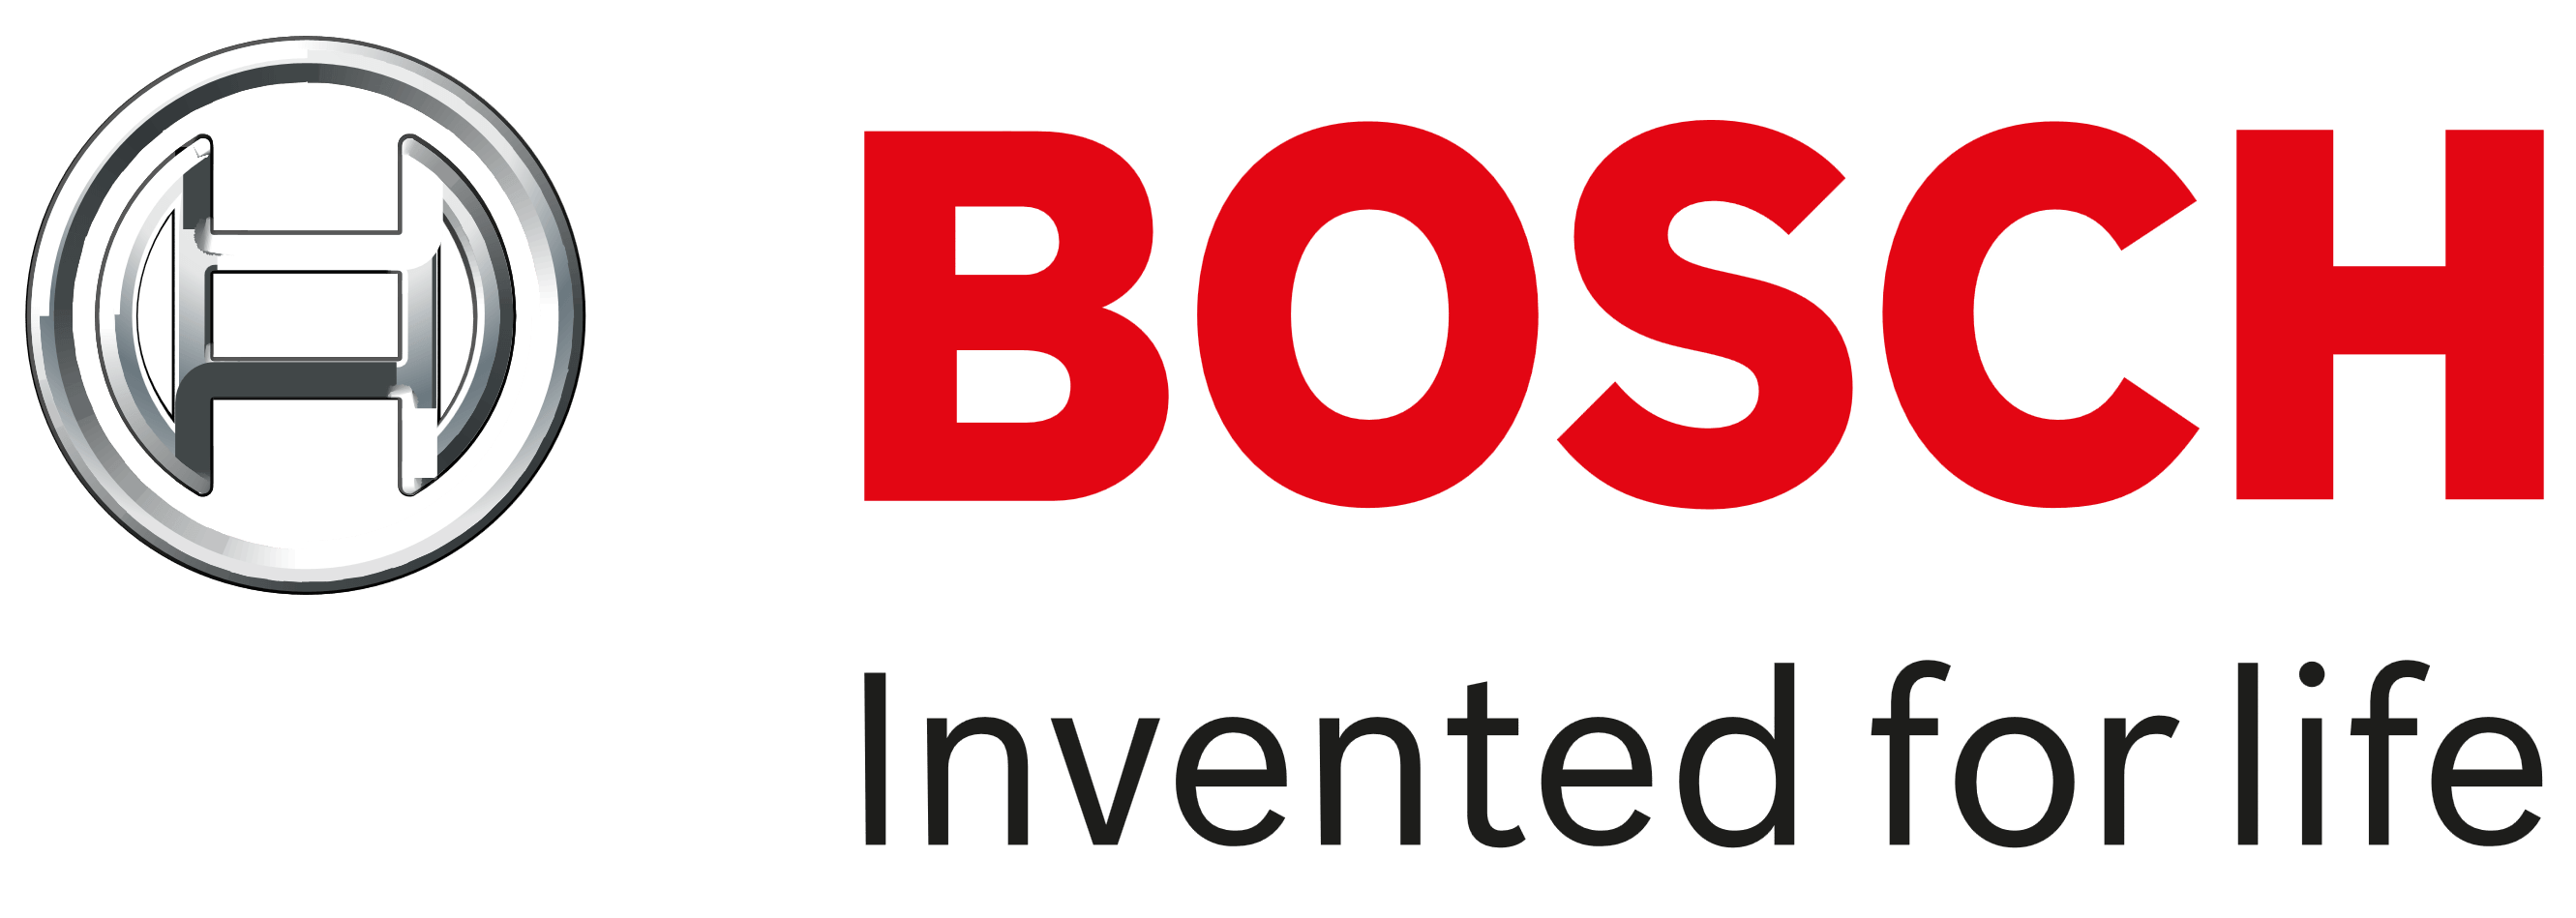 Glenn Verschueren Bosch